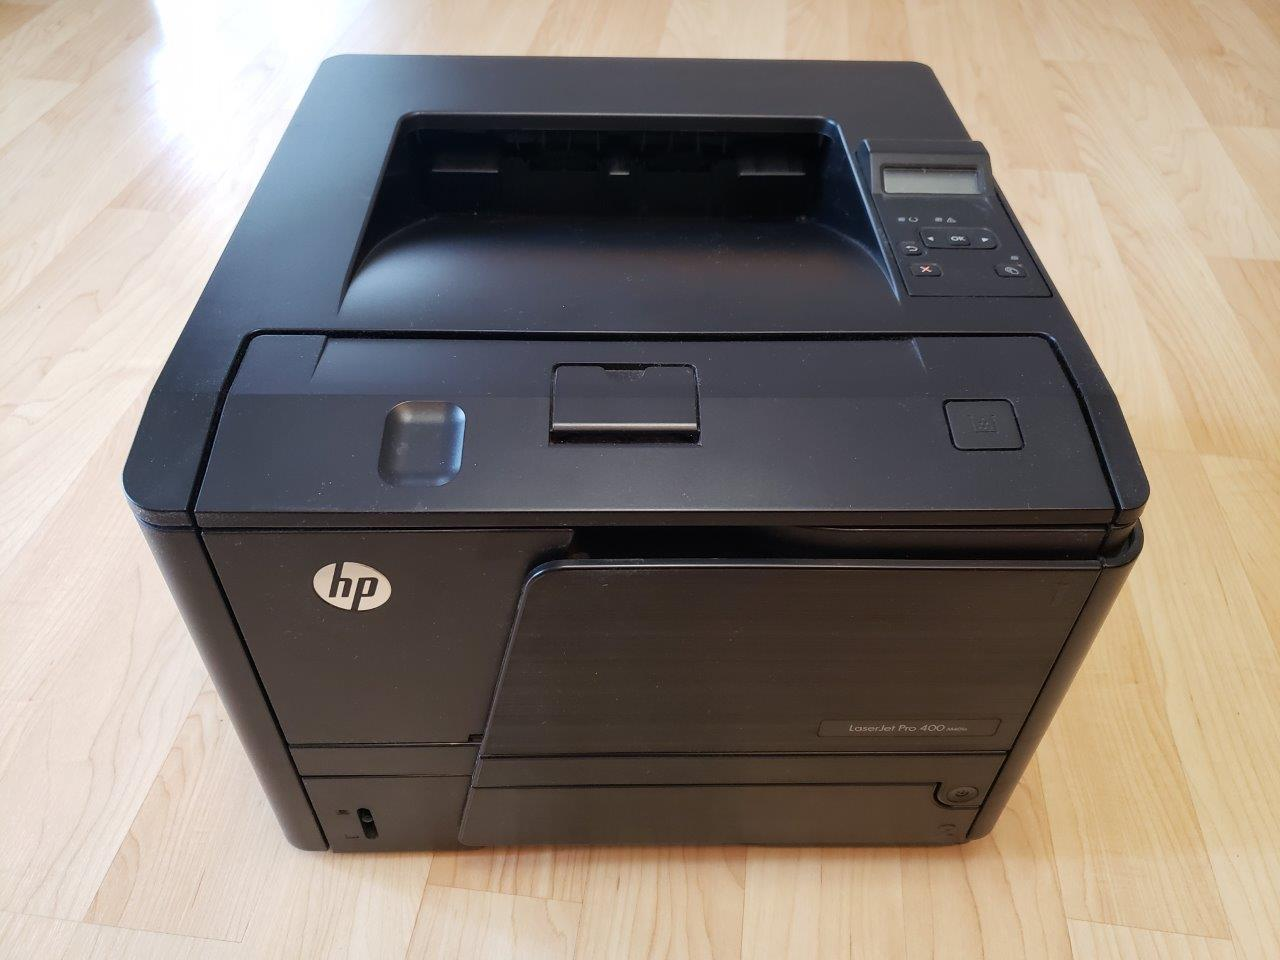 HP LaserJet Pro 400 Printer M401n (CZ195A)